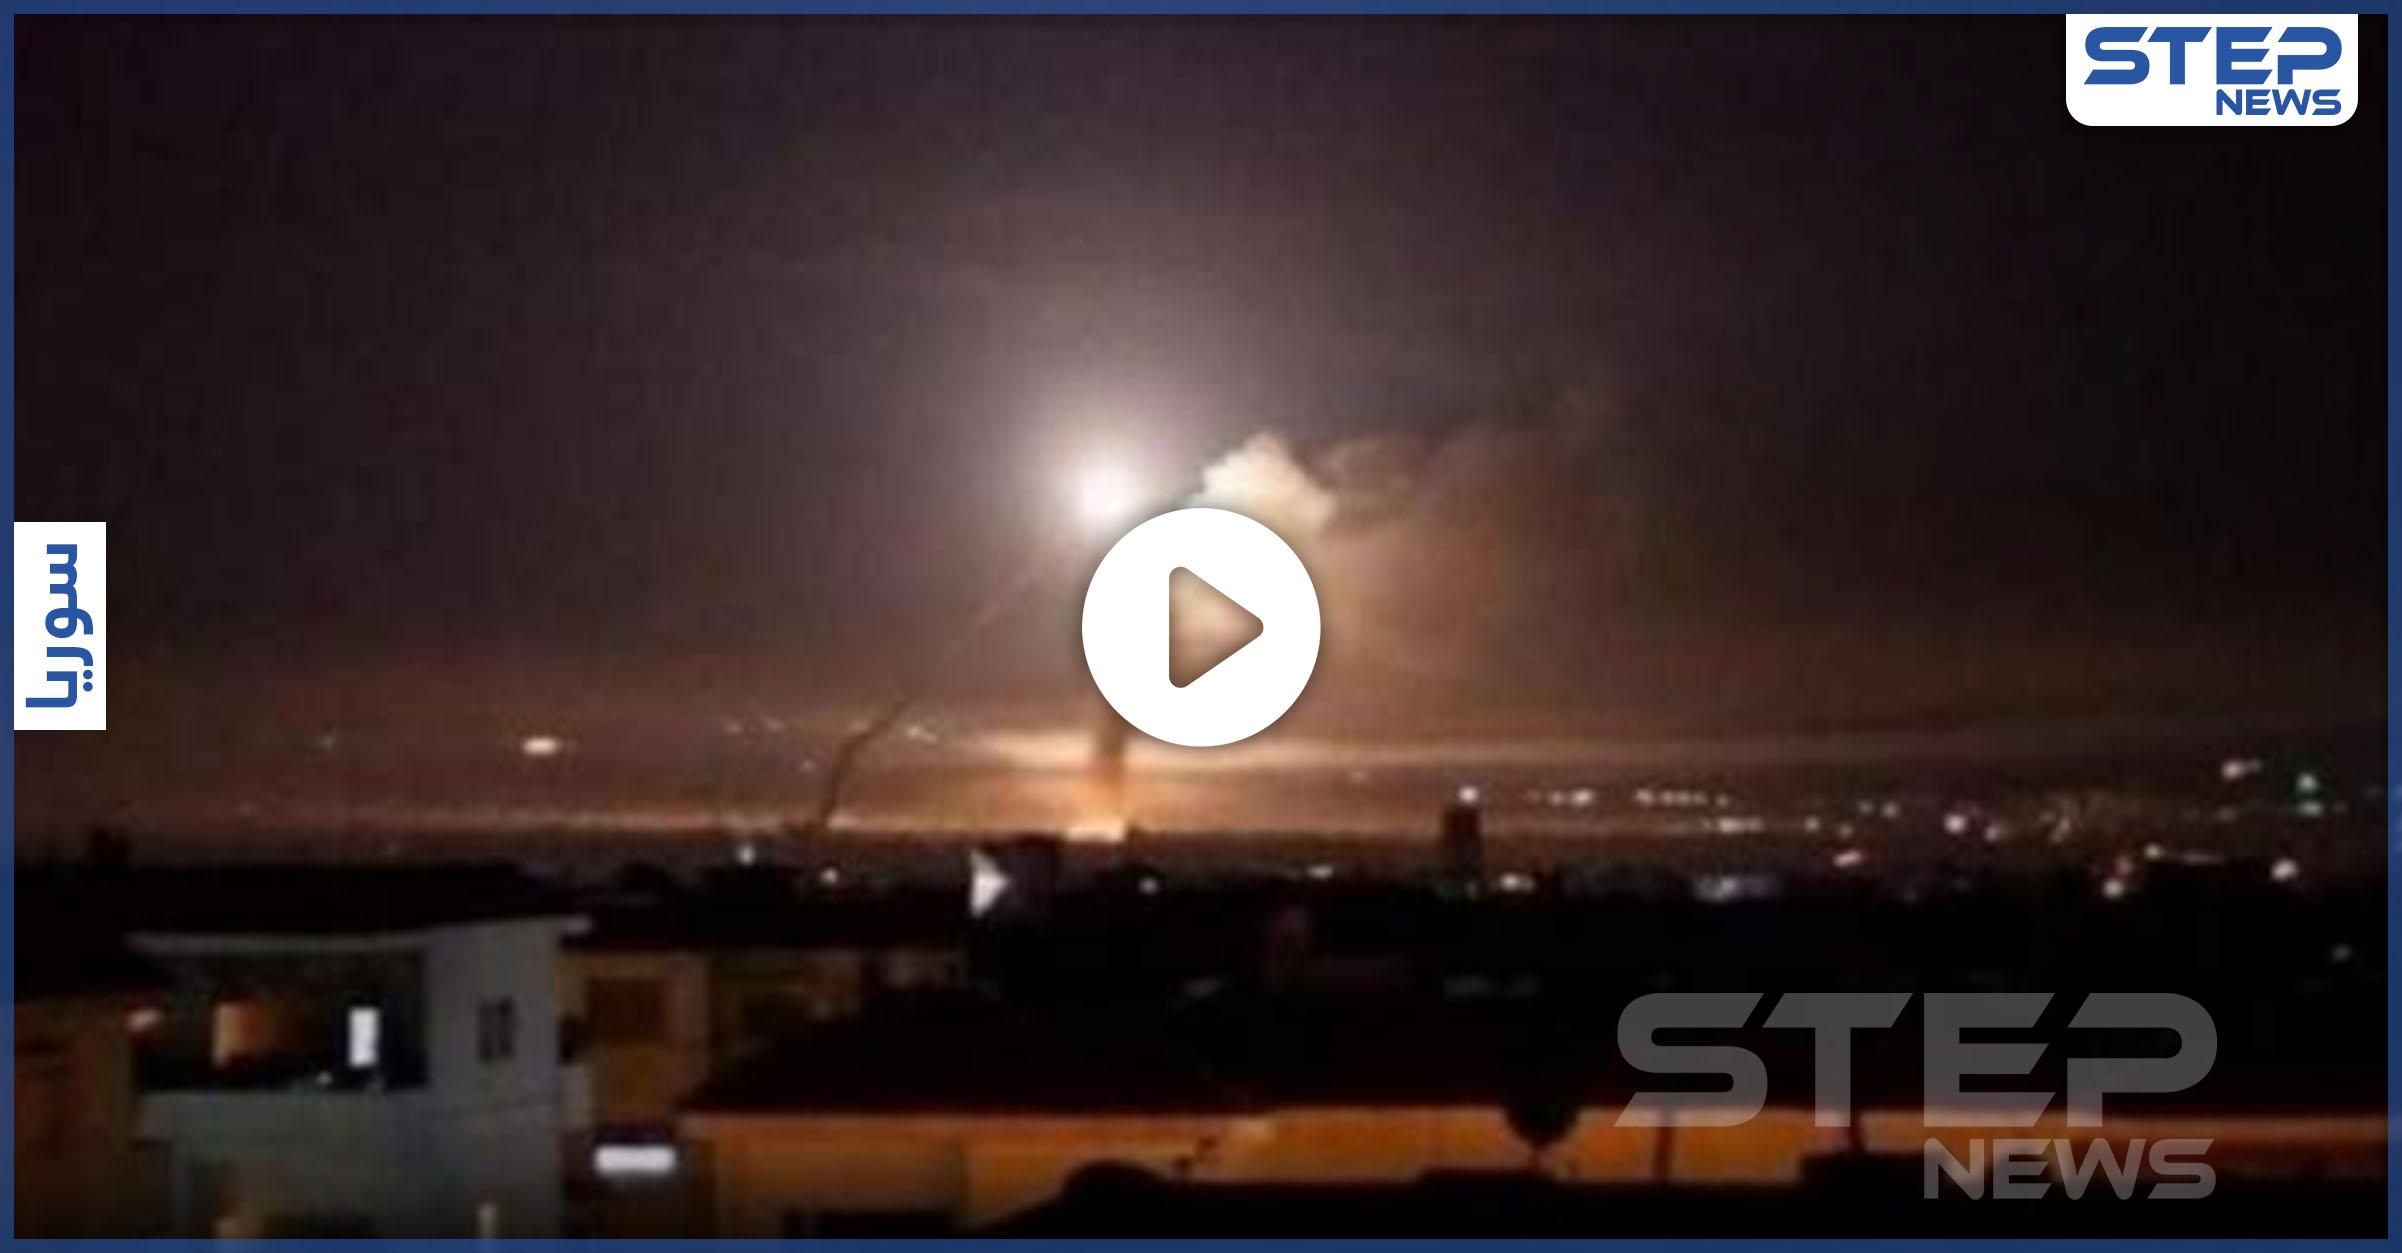 غارات إسرائيلية على المواقع الإيرانية في محيط دمشق